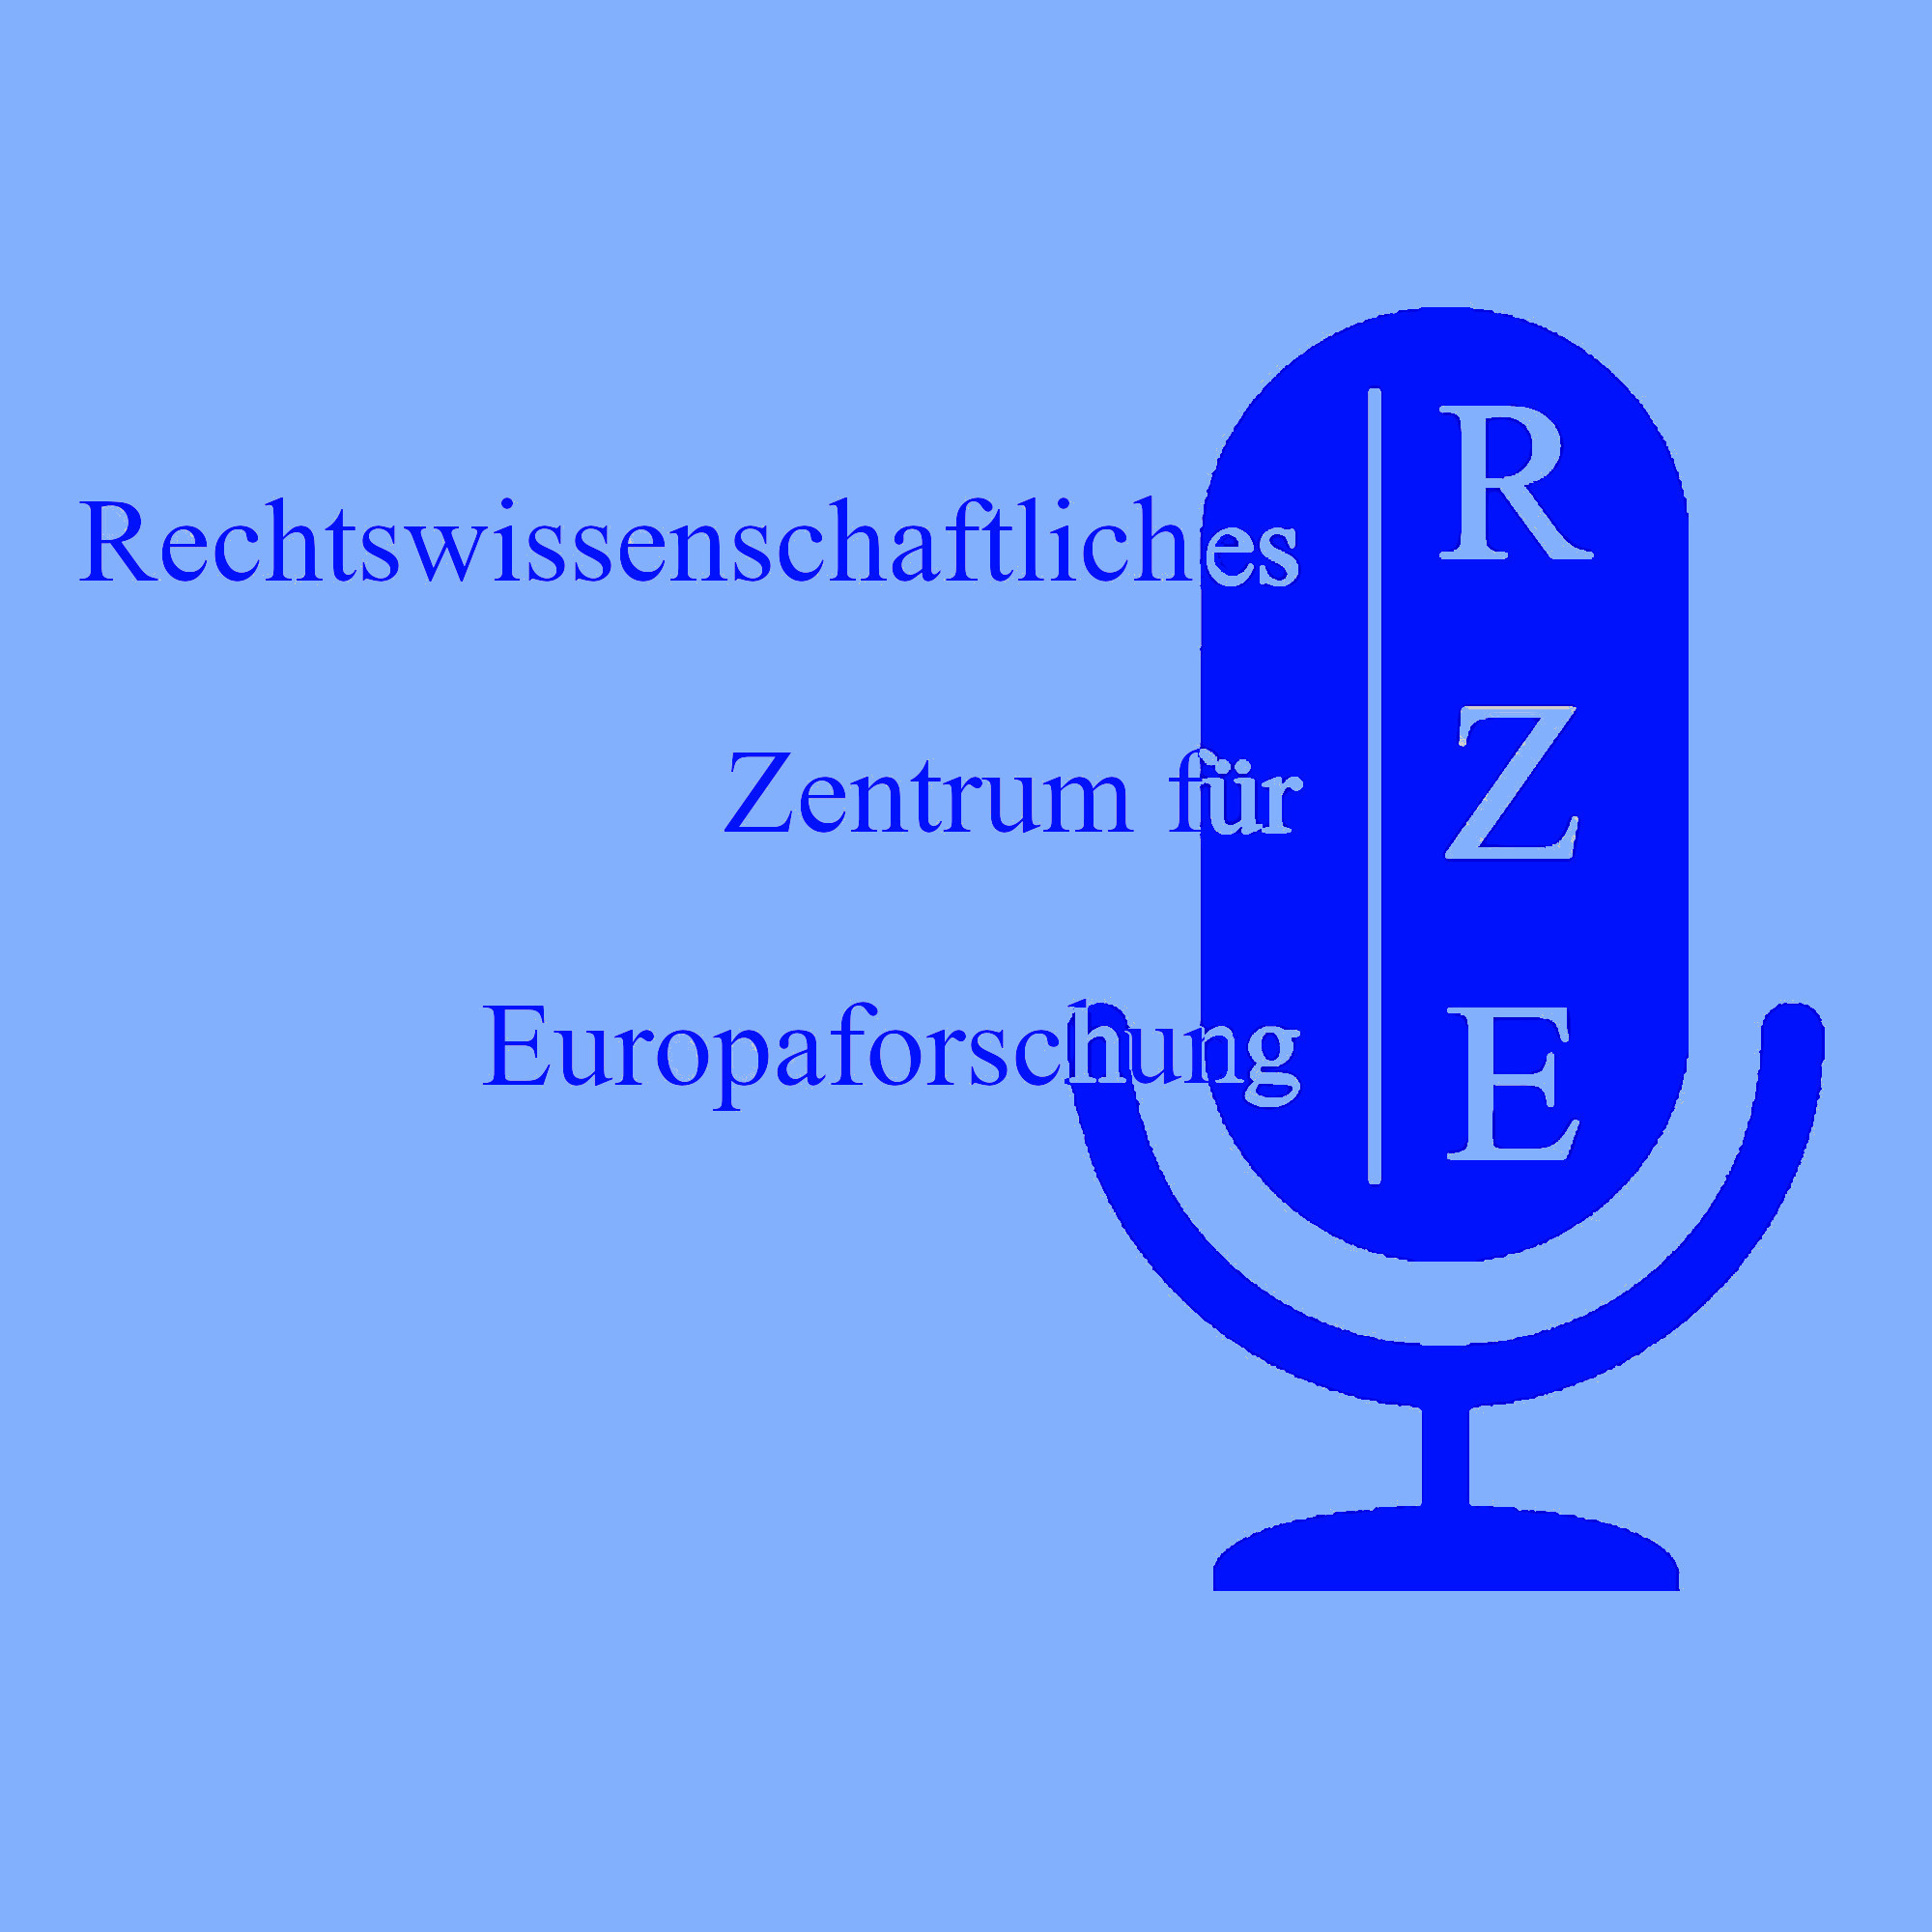 das Logo des Podcasts besteht aus dem Schriftzug und einem stilisierten Mikrofon